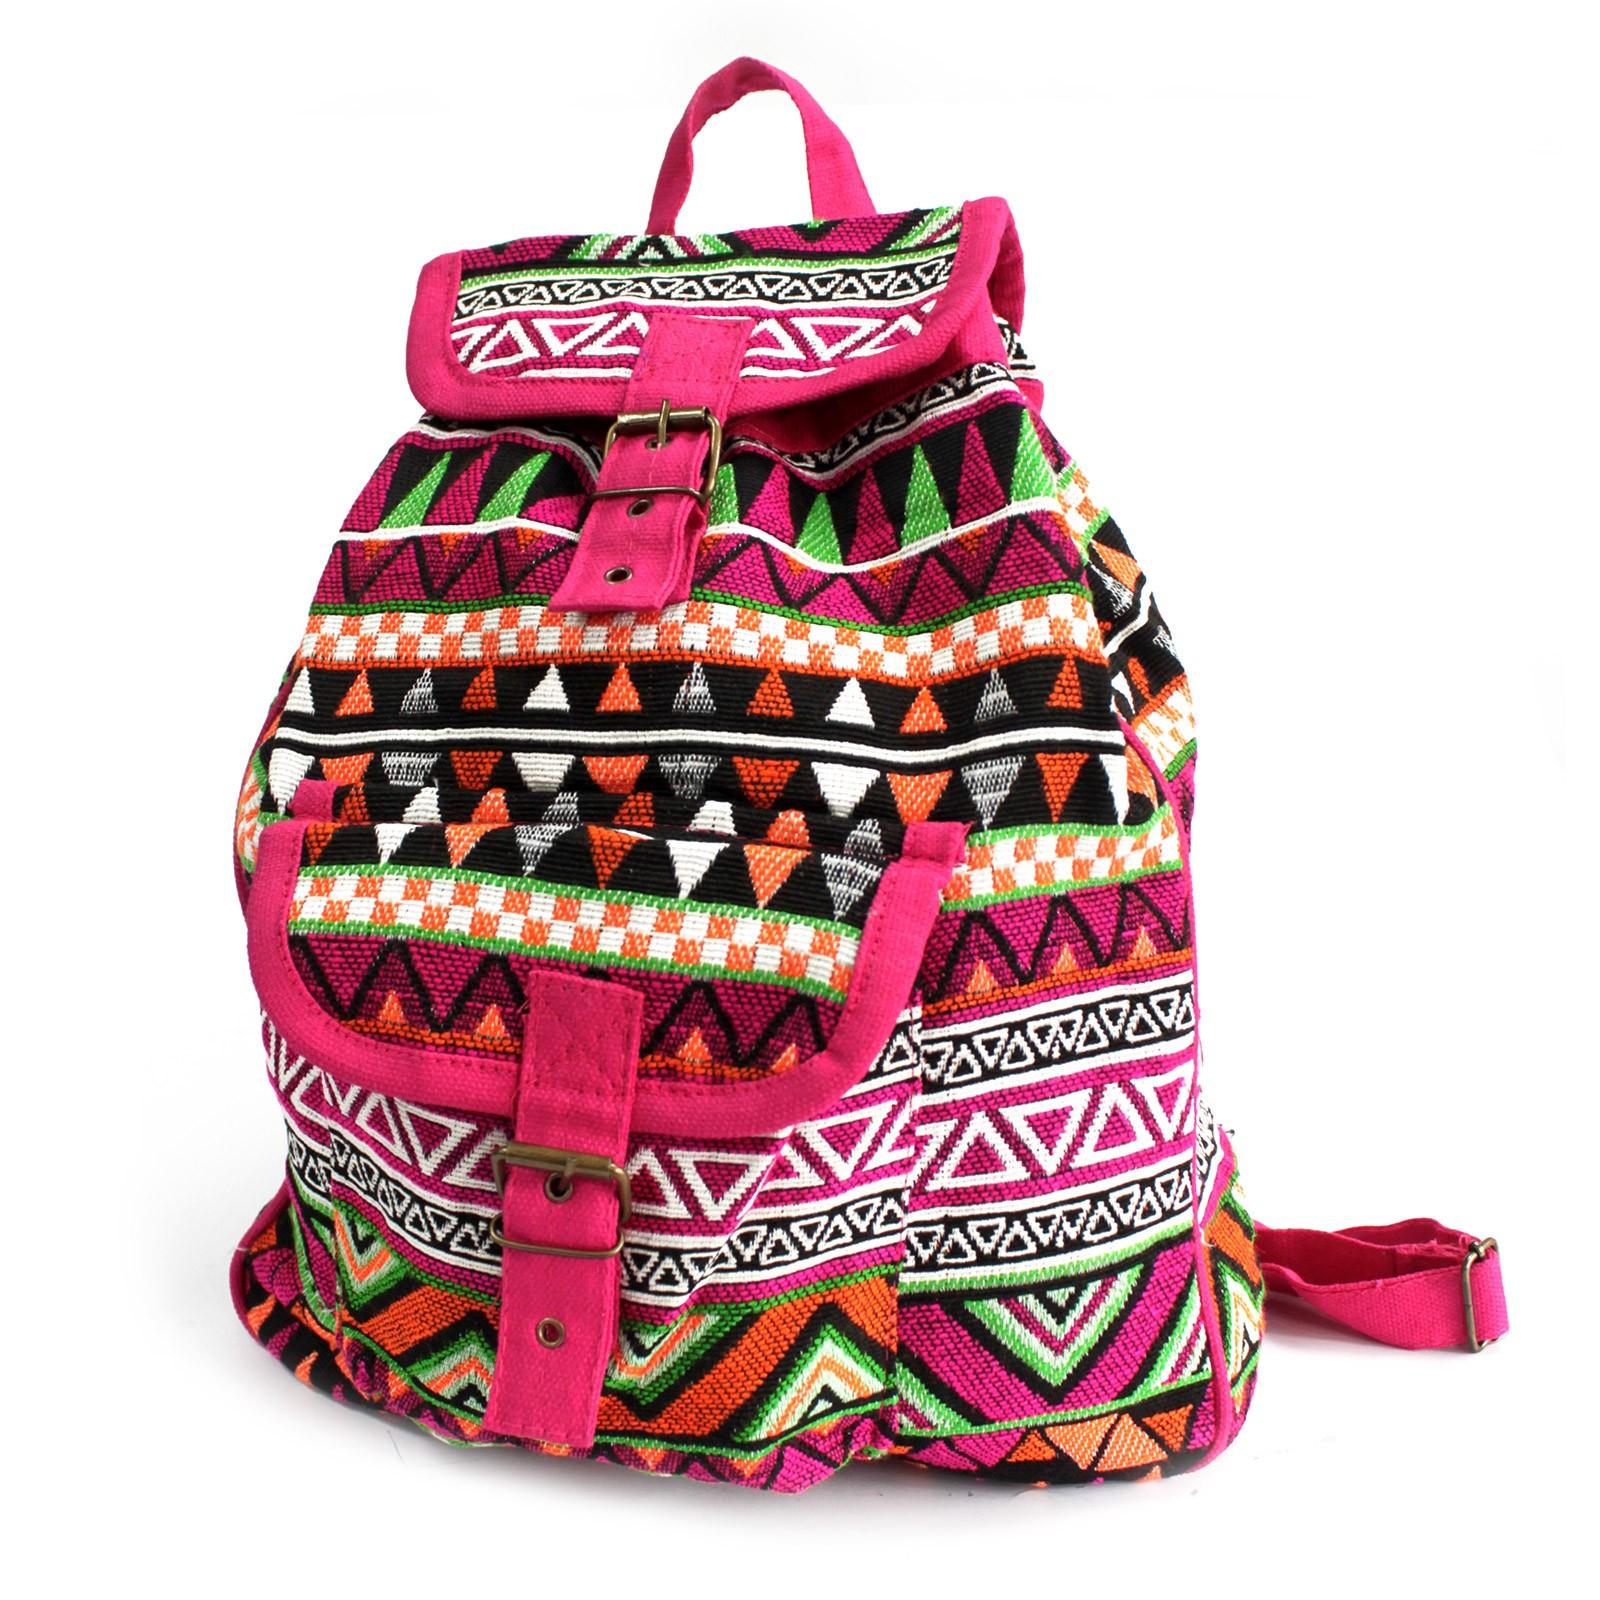 Jacquard Bag Pink Backpack